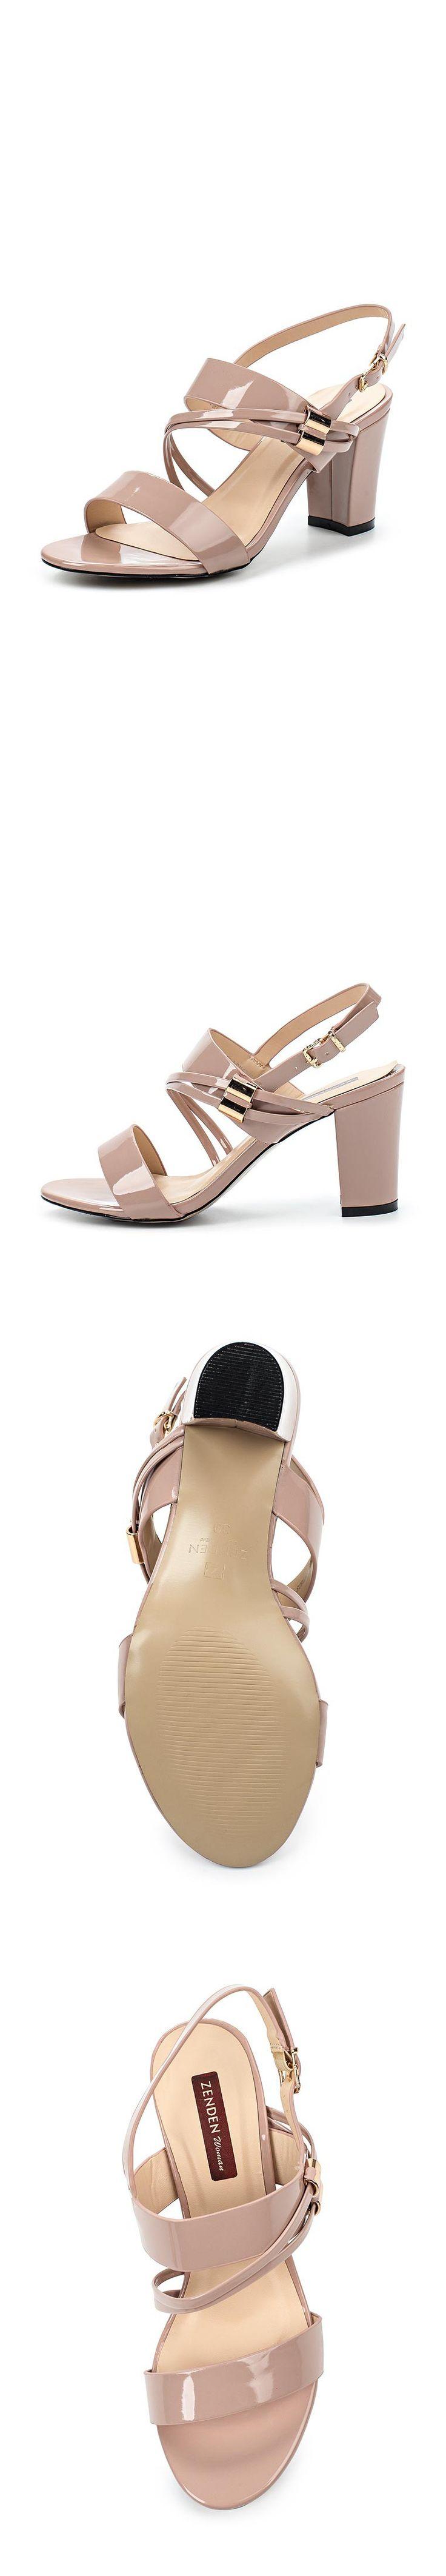 Женская обувь босоножки Zenden Woman за 2599.00 руб.